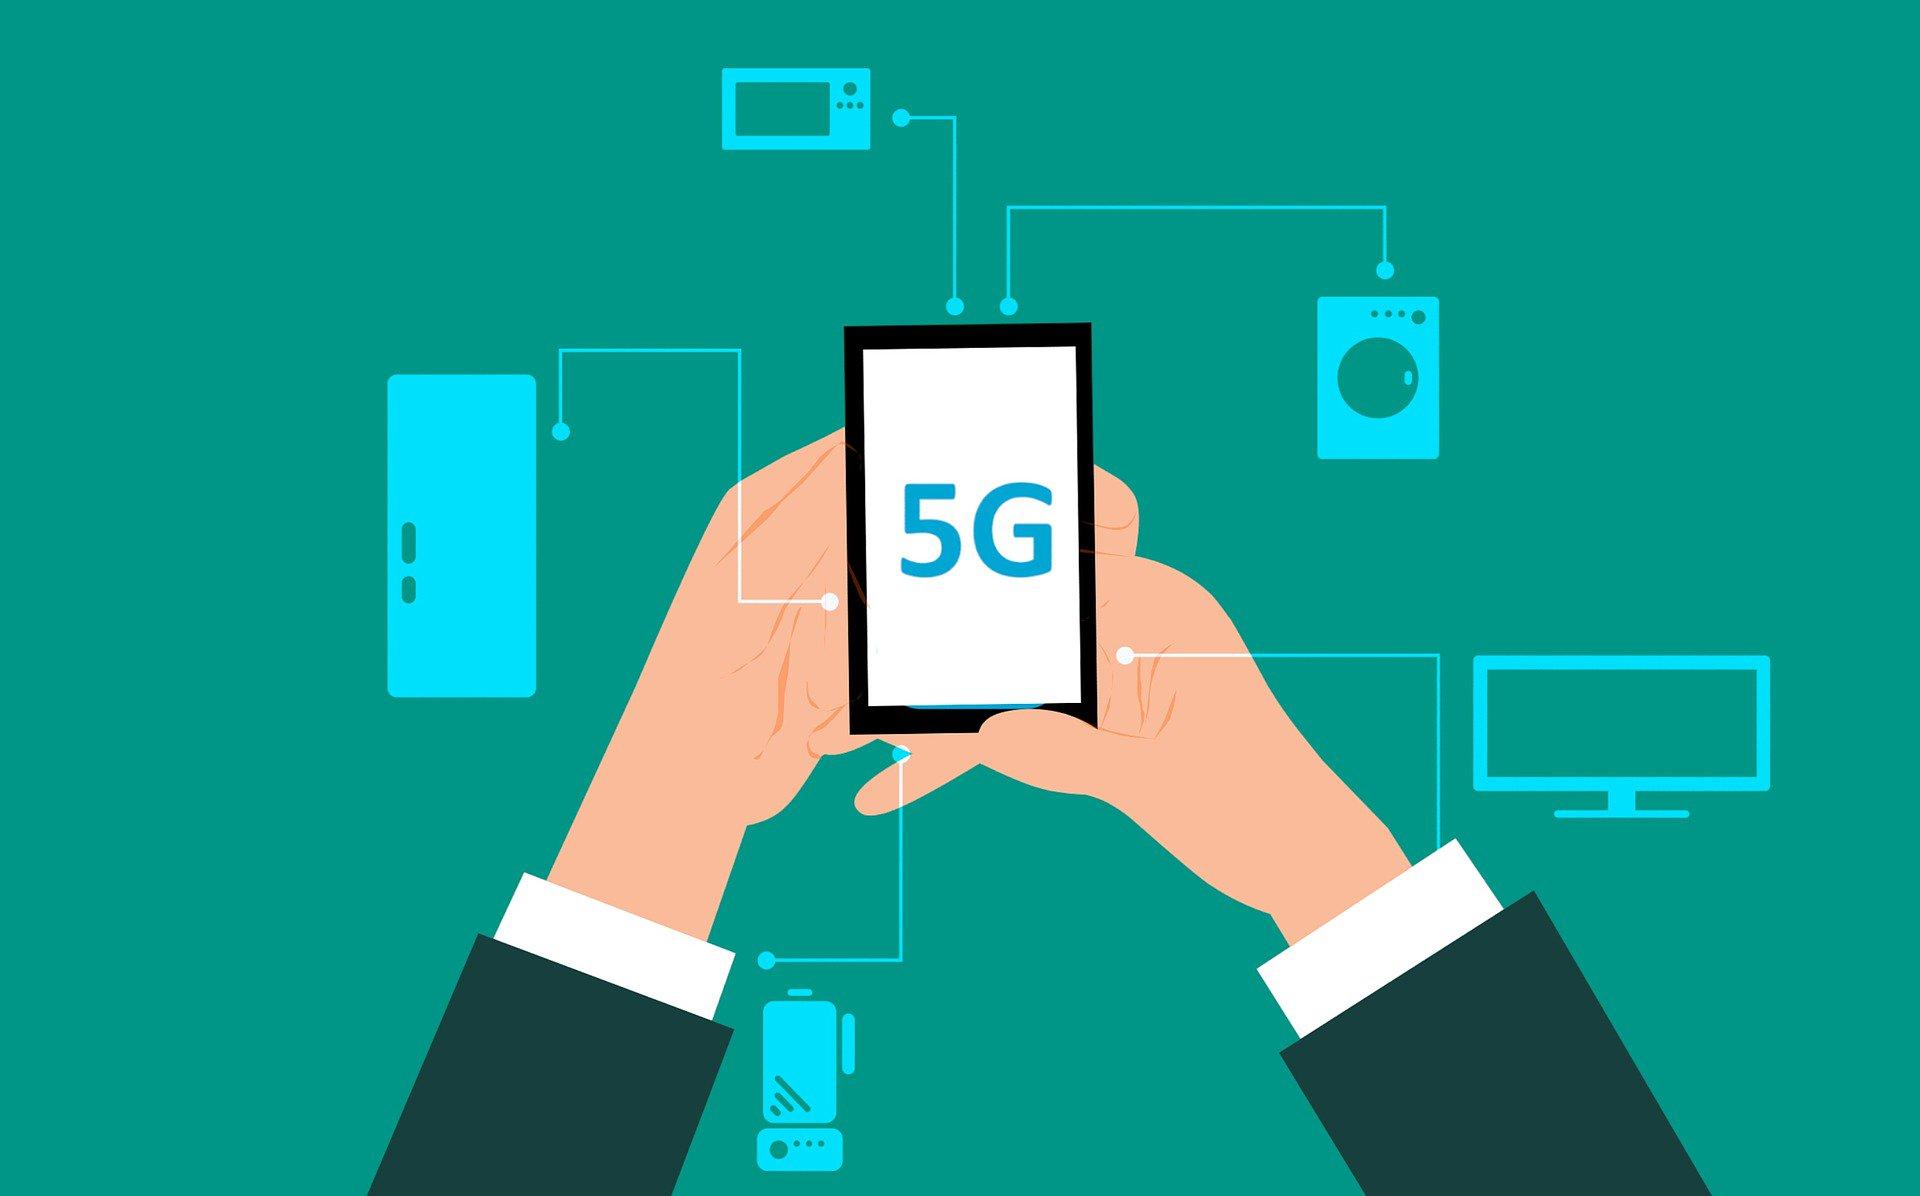 کاربرد اصلی شبکههای ۵G بازیها و فیلمهای غوطهوری واقعیت مجازی خواهد بود